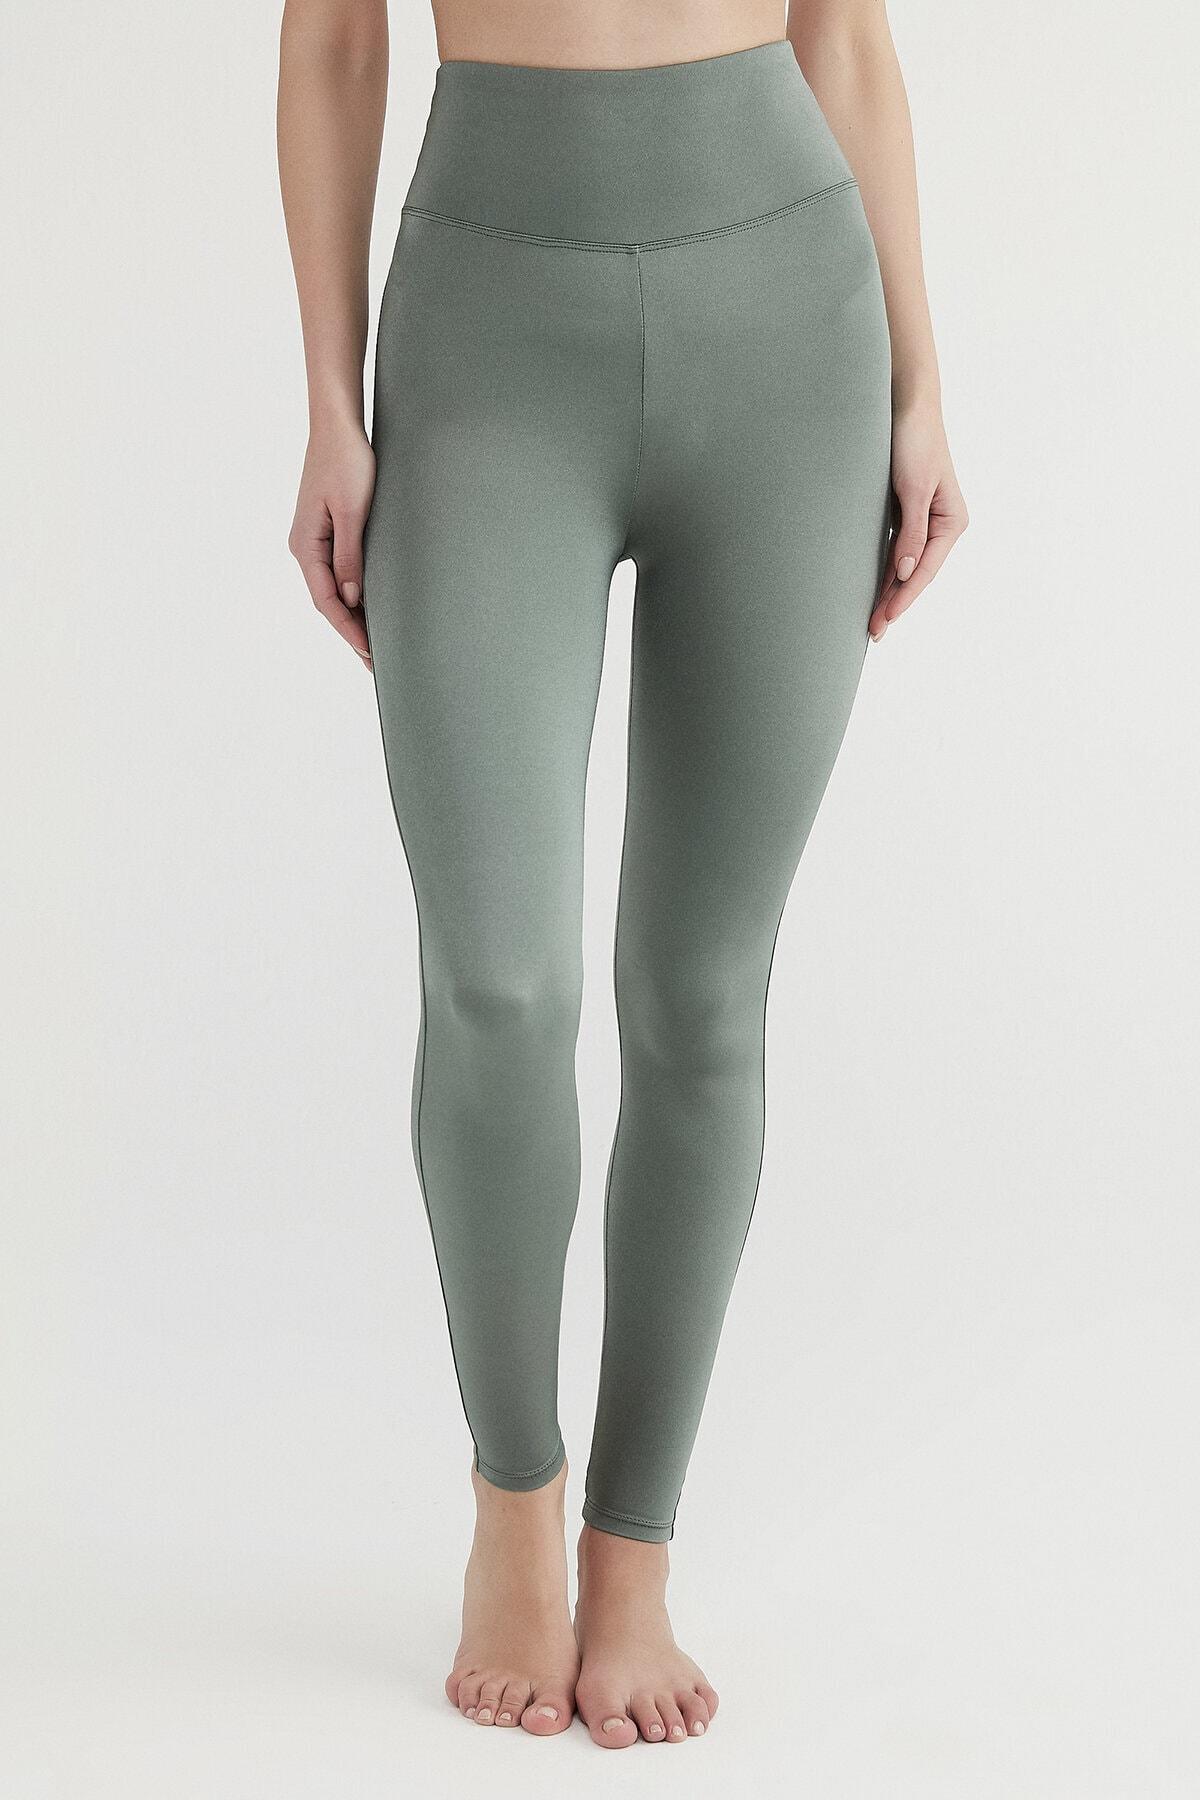 Penti Kadın Yeşil Shiny Legging